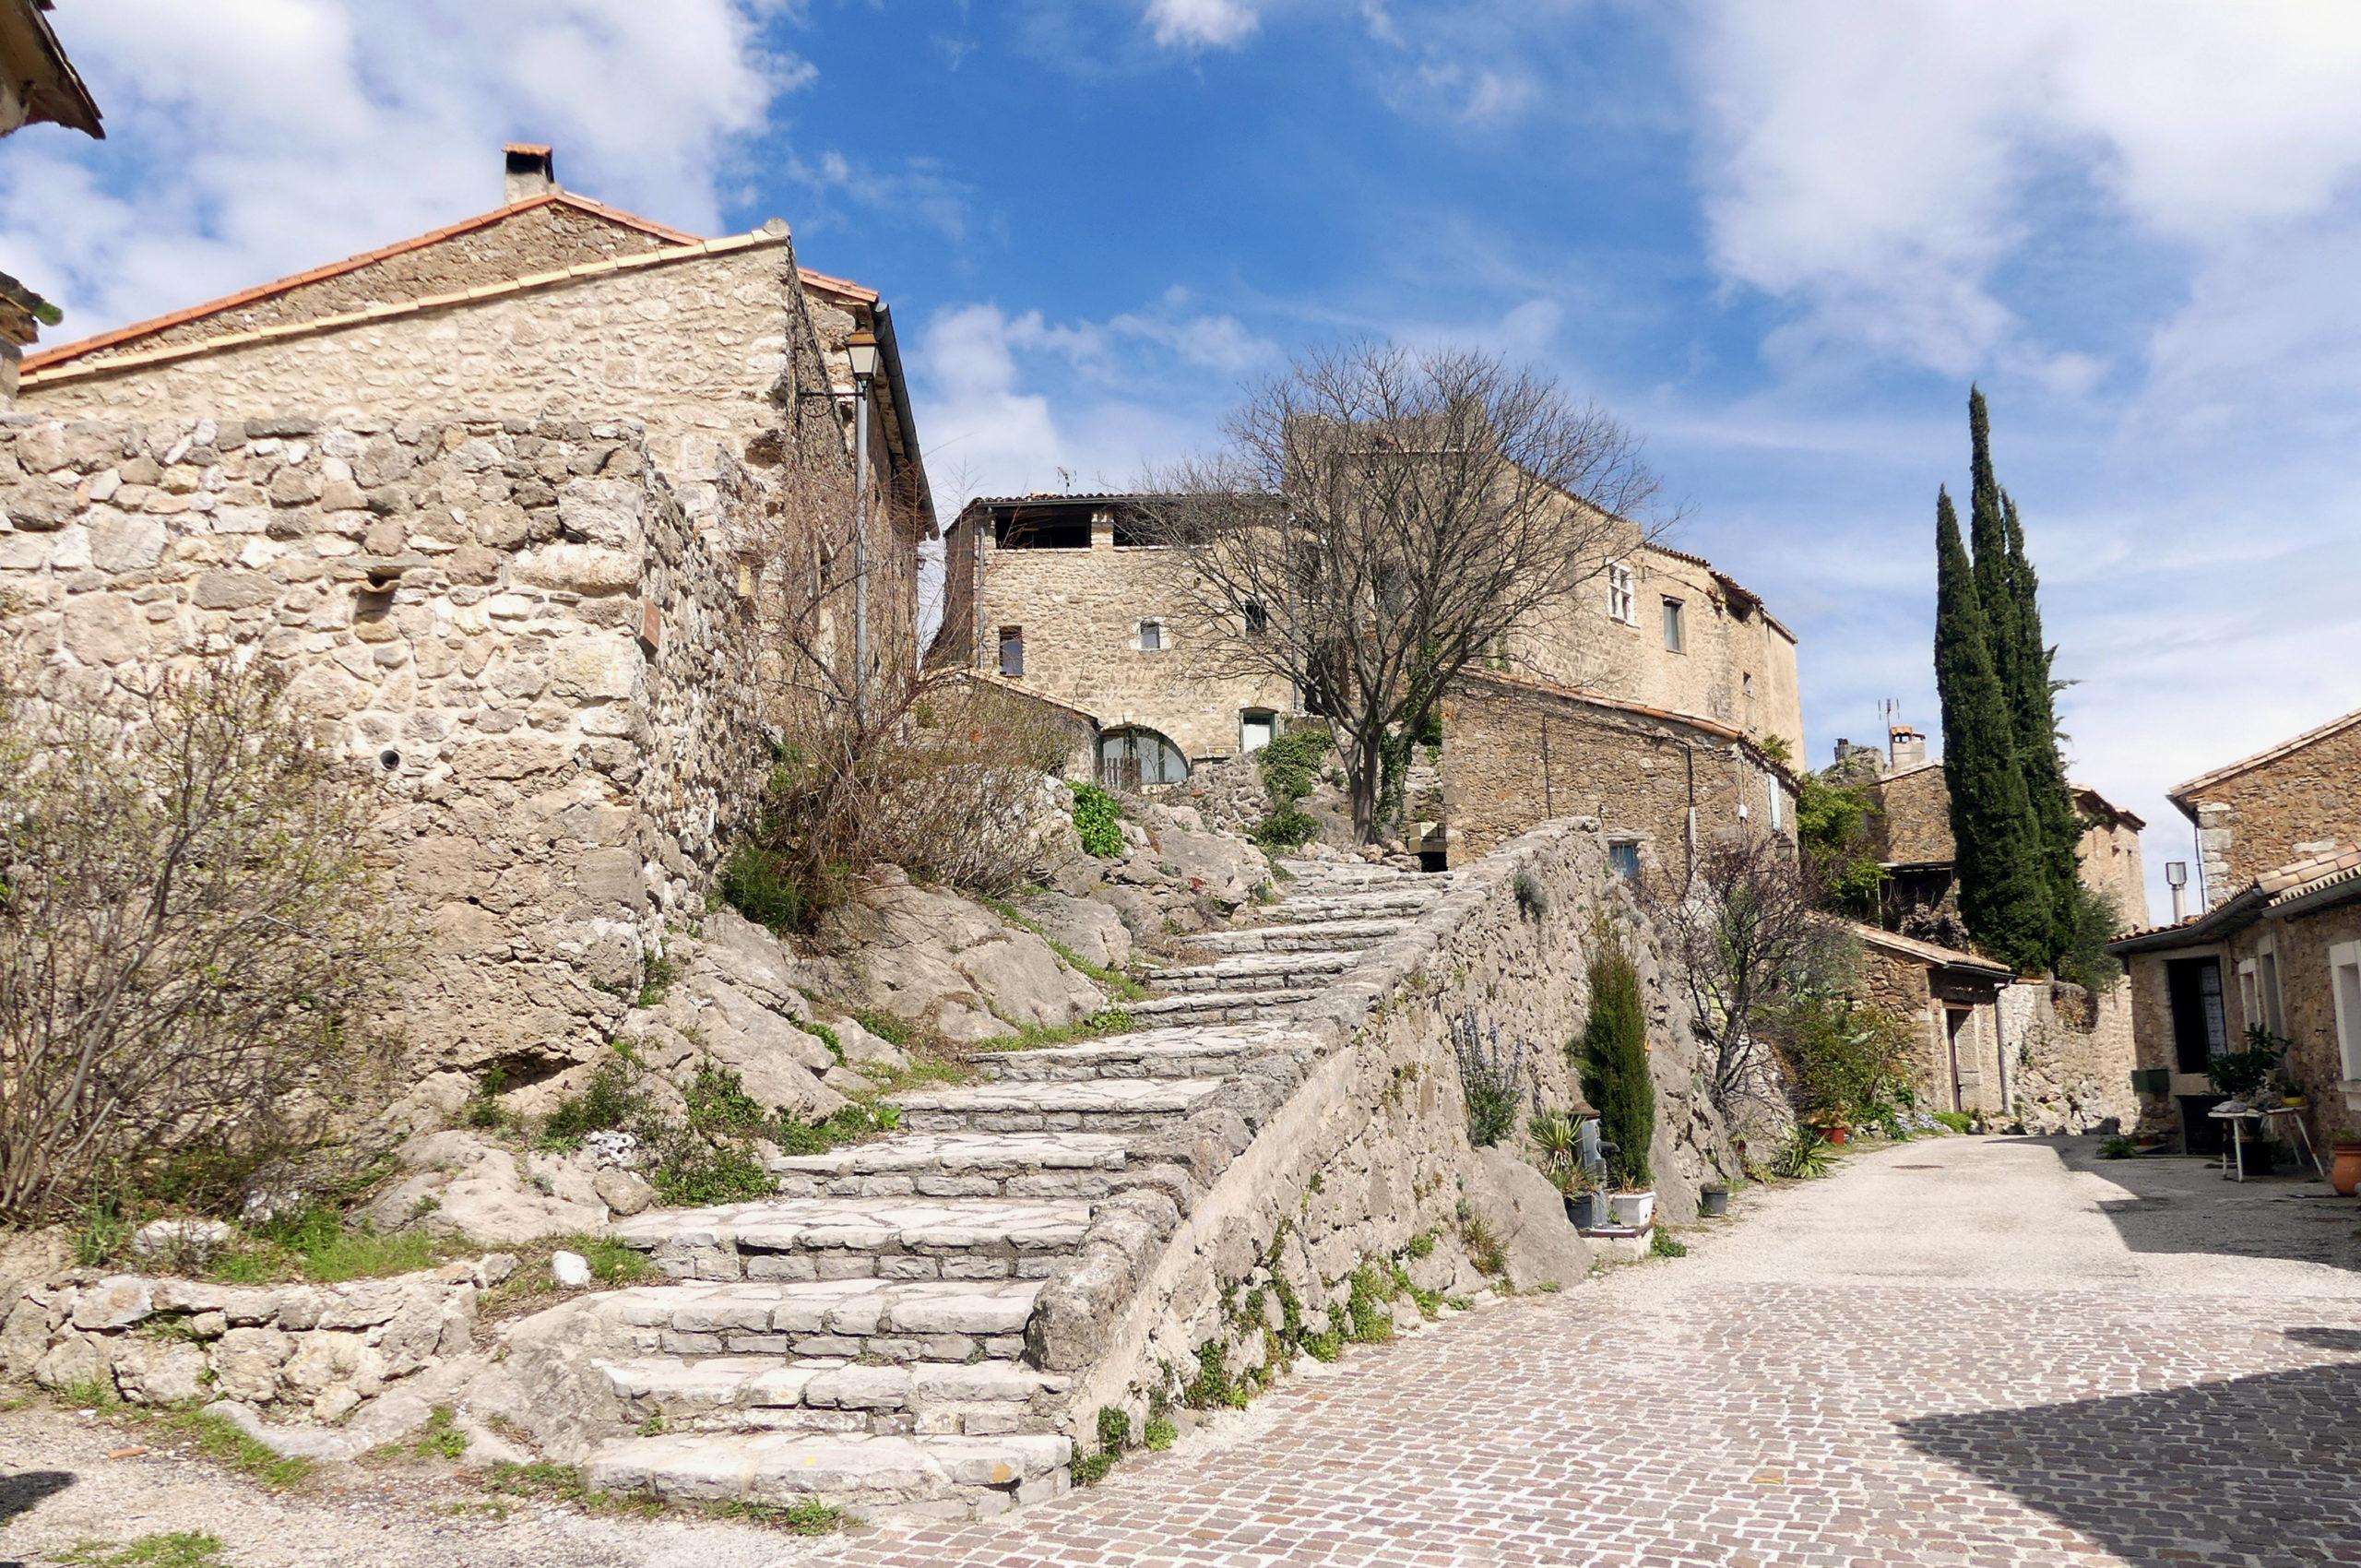 Village de Pégairolles-de-Buèges. Photo : Christophe Colrat